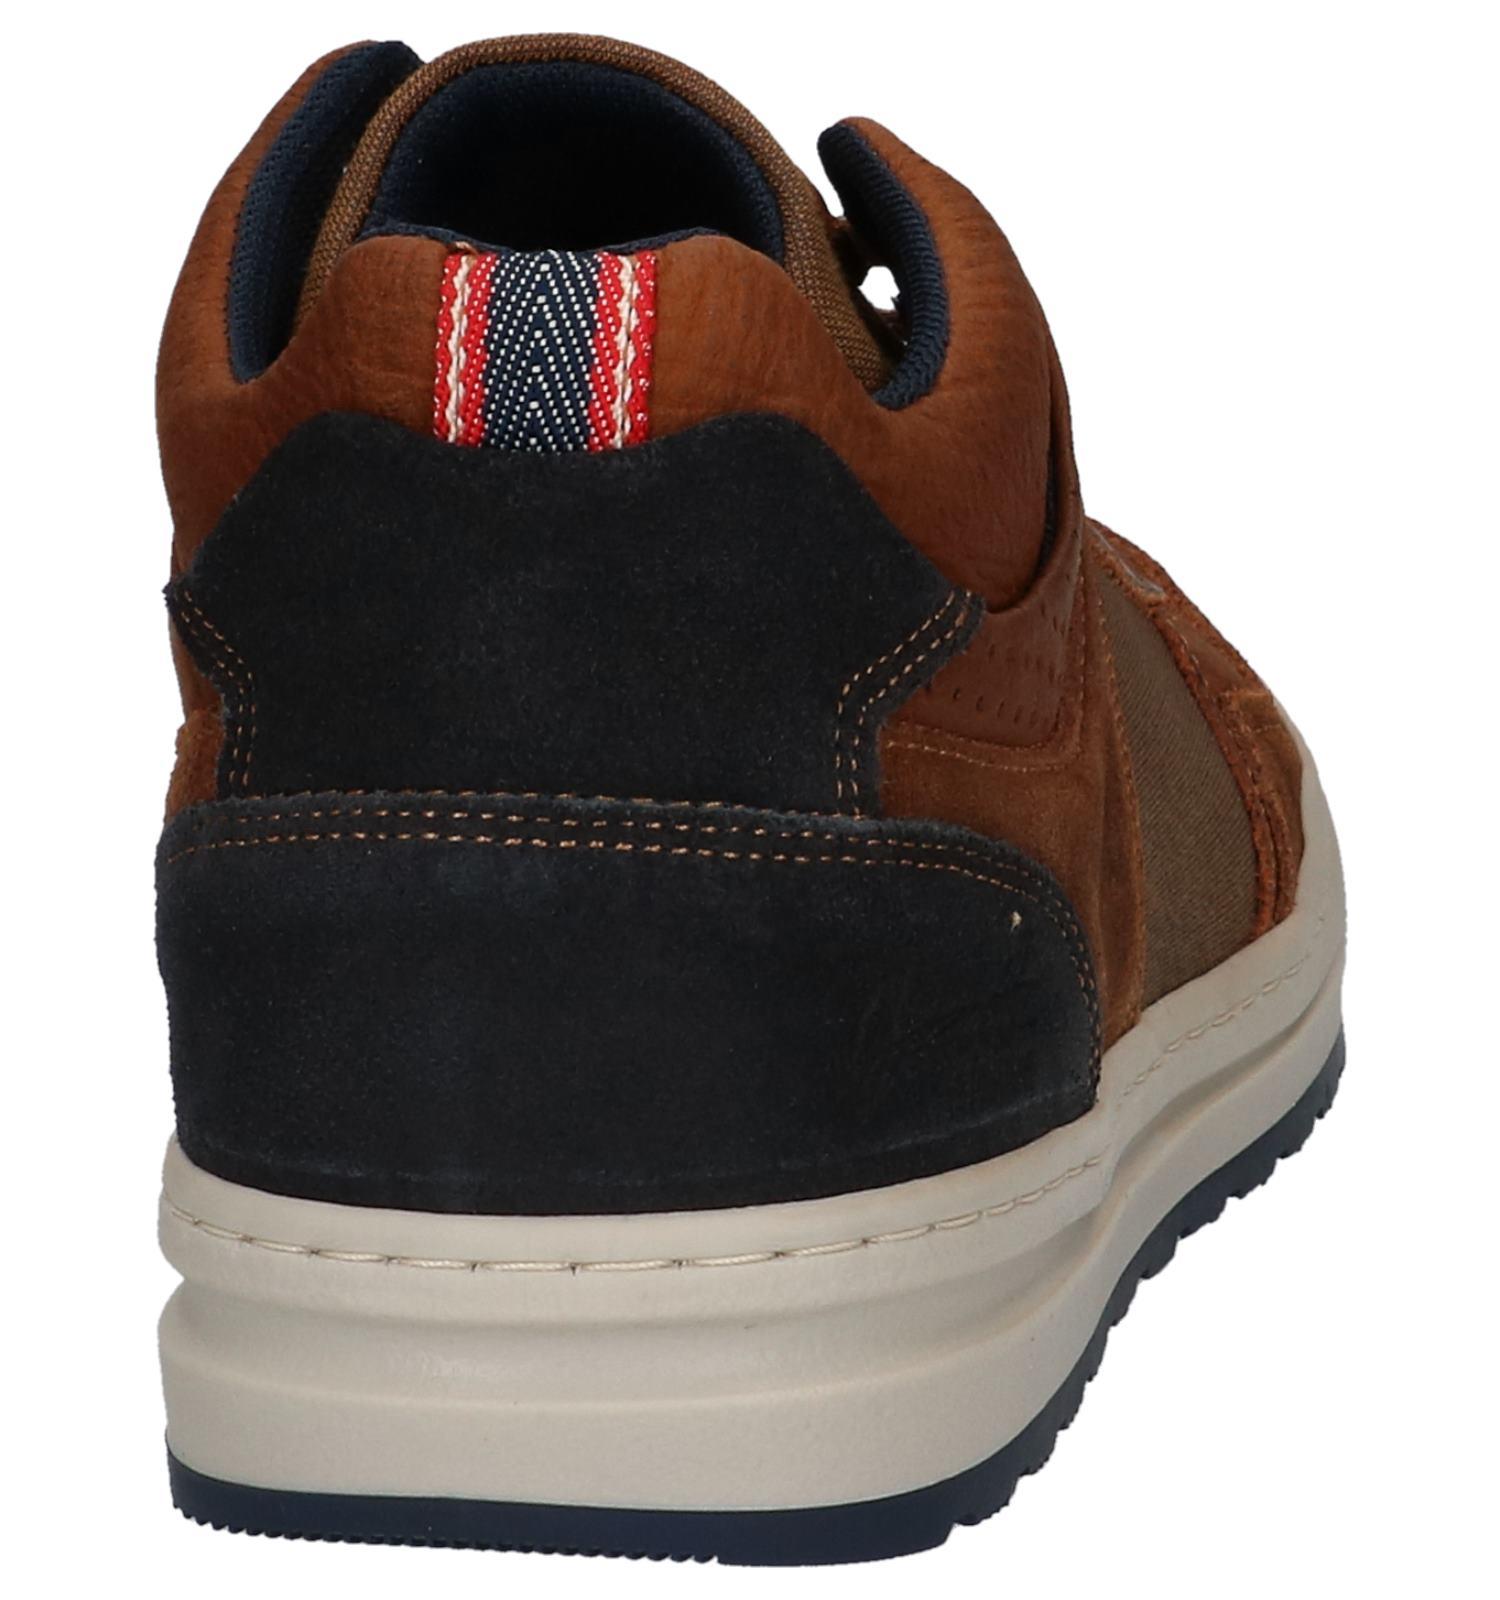 Bullboxer Cognac Boots Boots Boots Bullboxer Cognac 1FKJl3Tc